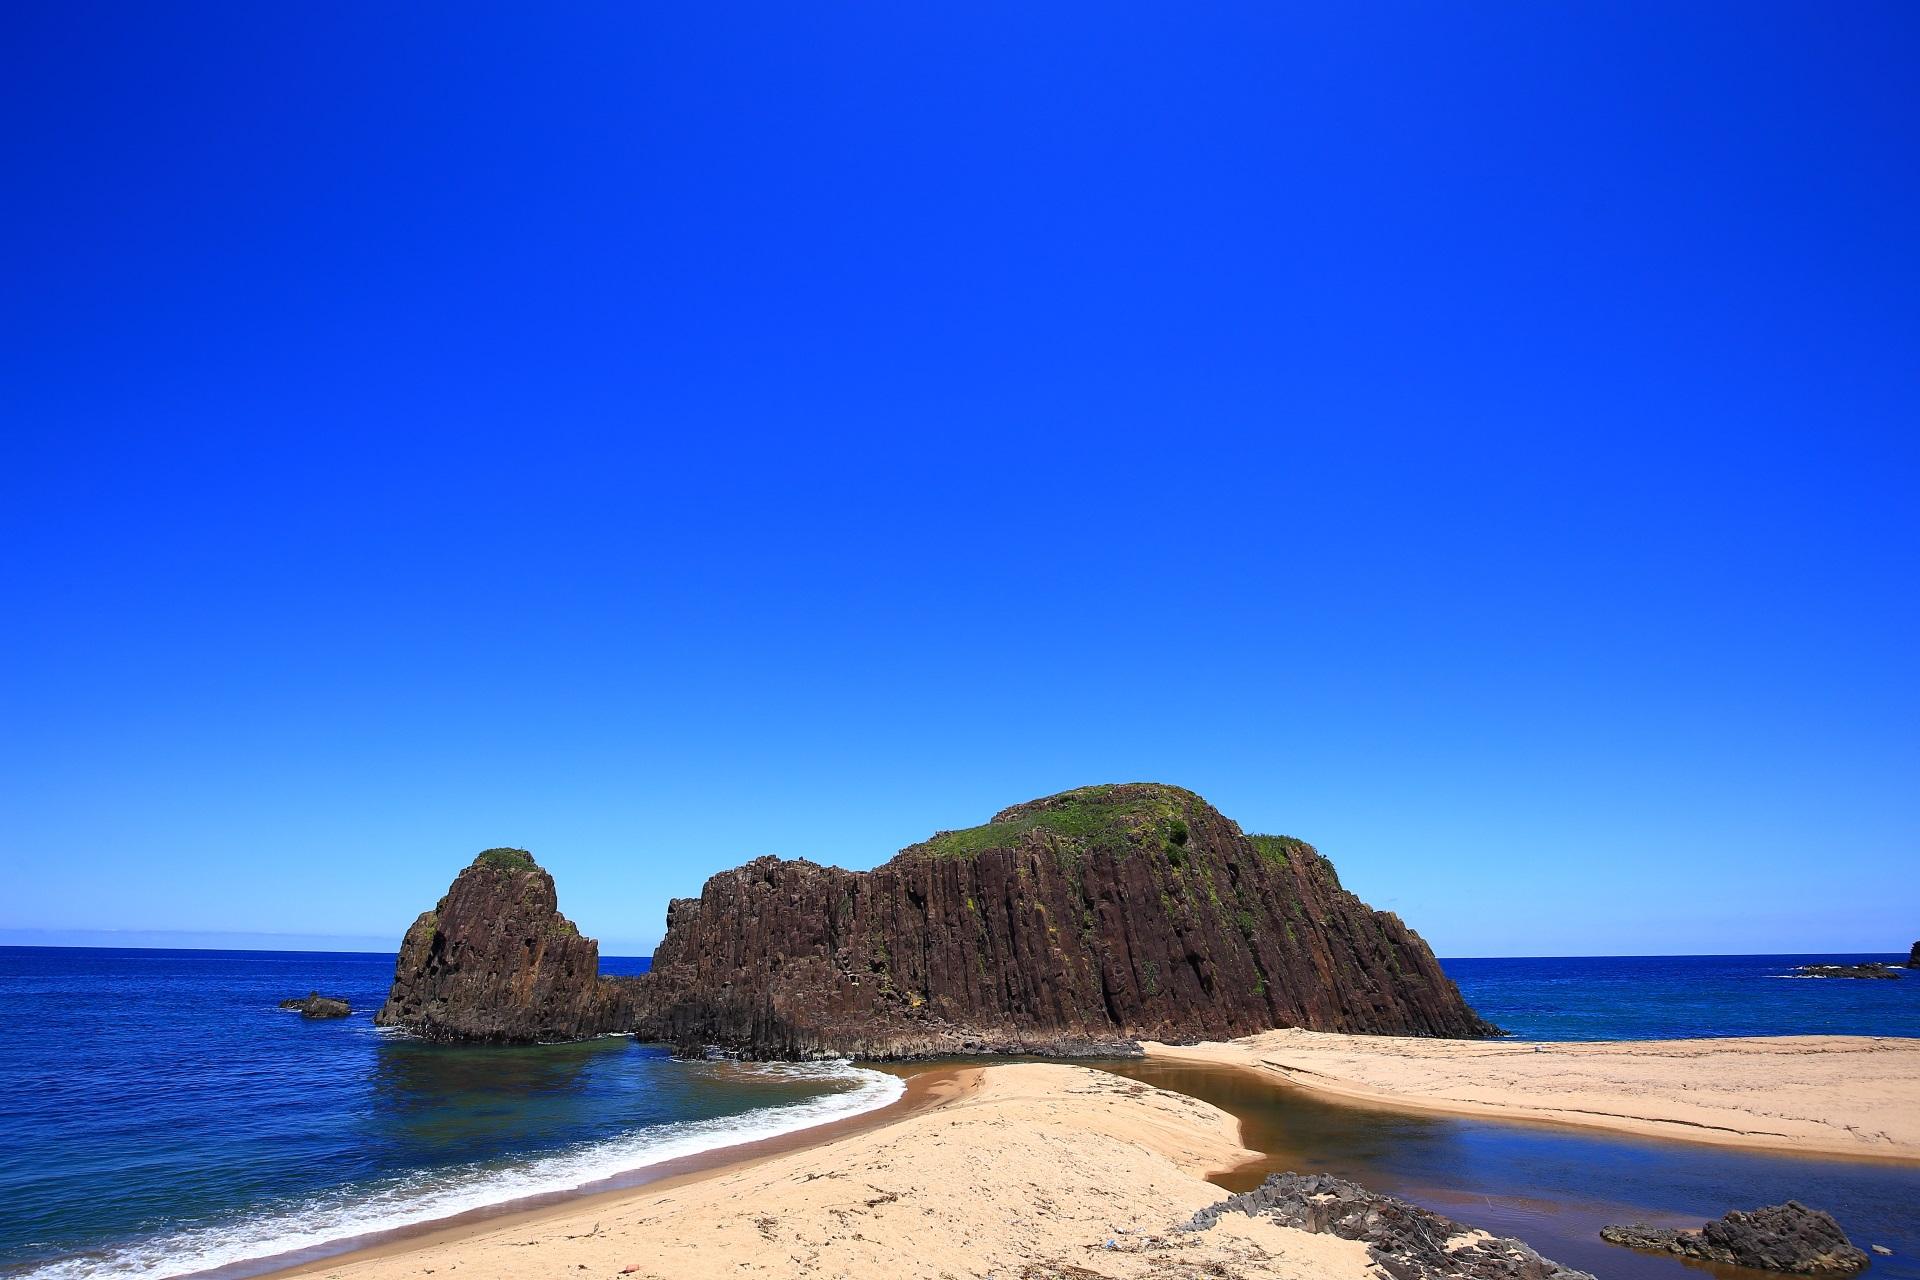 立岩 京丹後の海にそびえ立つ自然岩